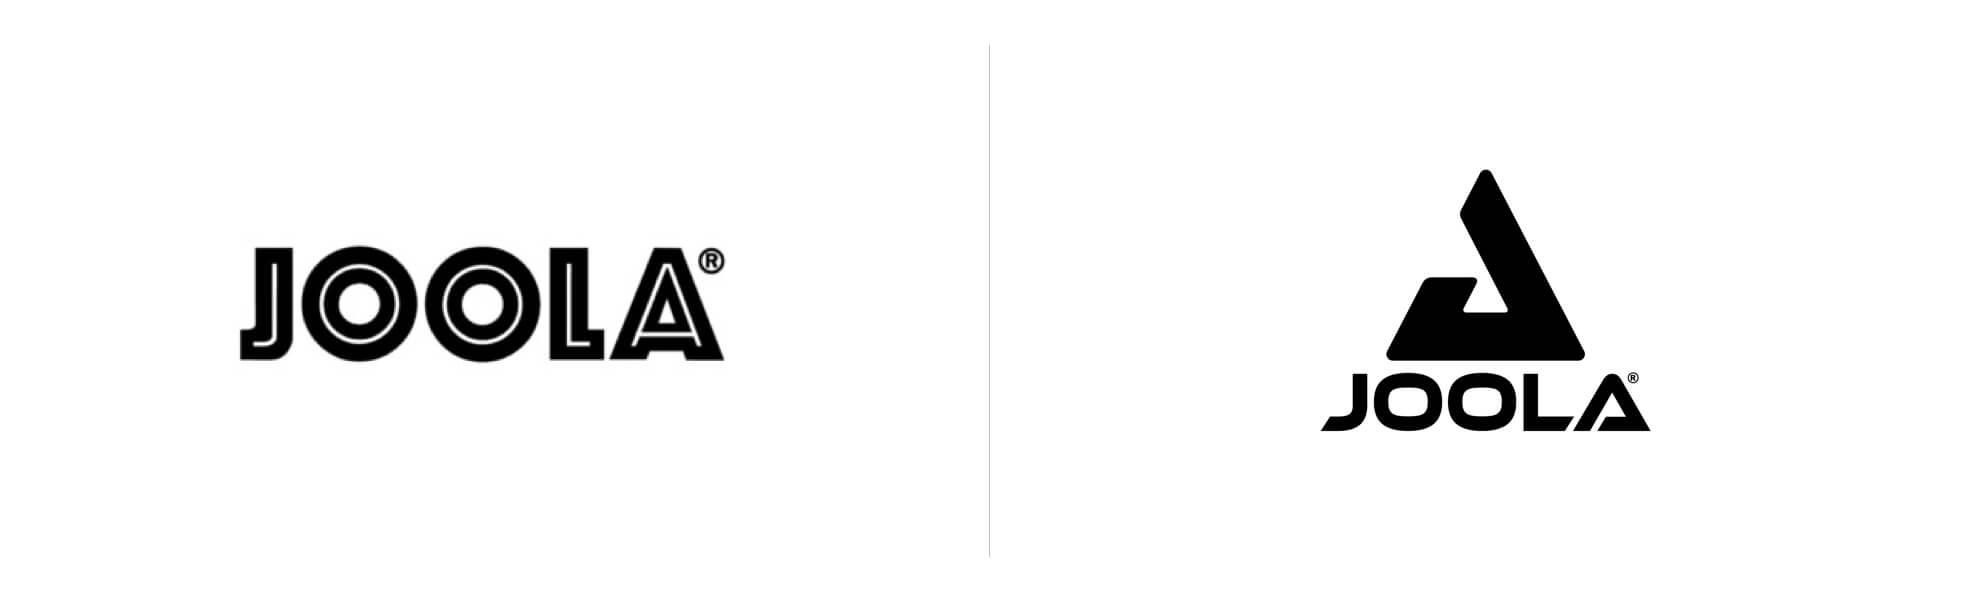 Joola ma nowe logo